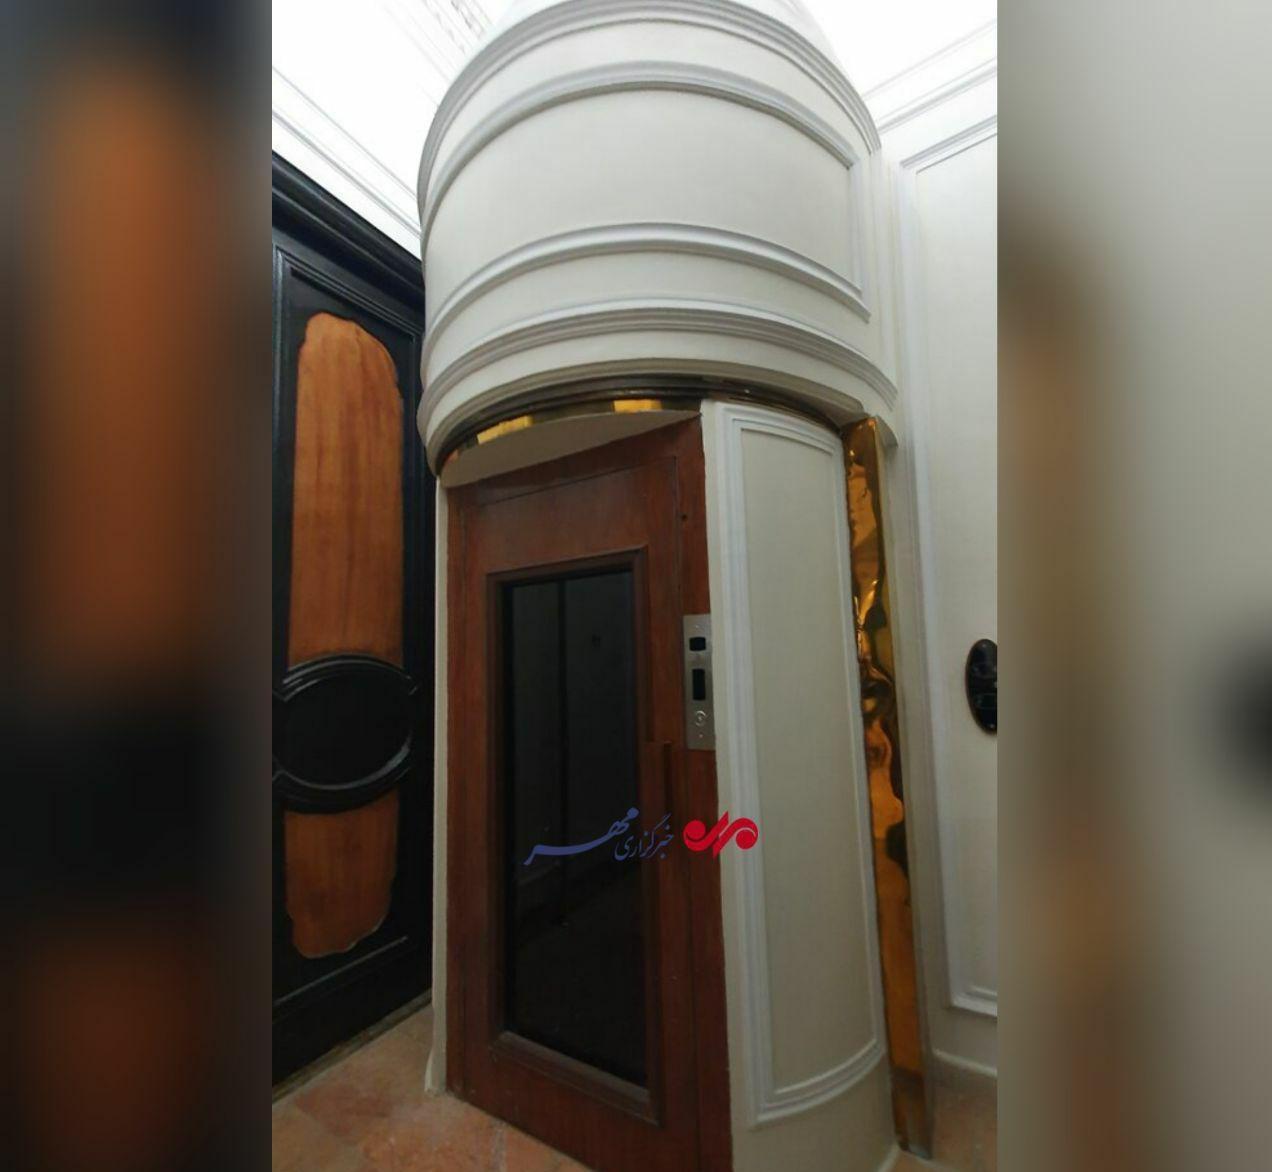 تصویر آسانسور تعبیه شده در کاخ مرمر